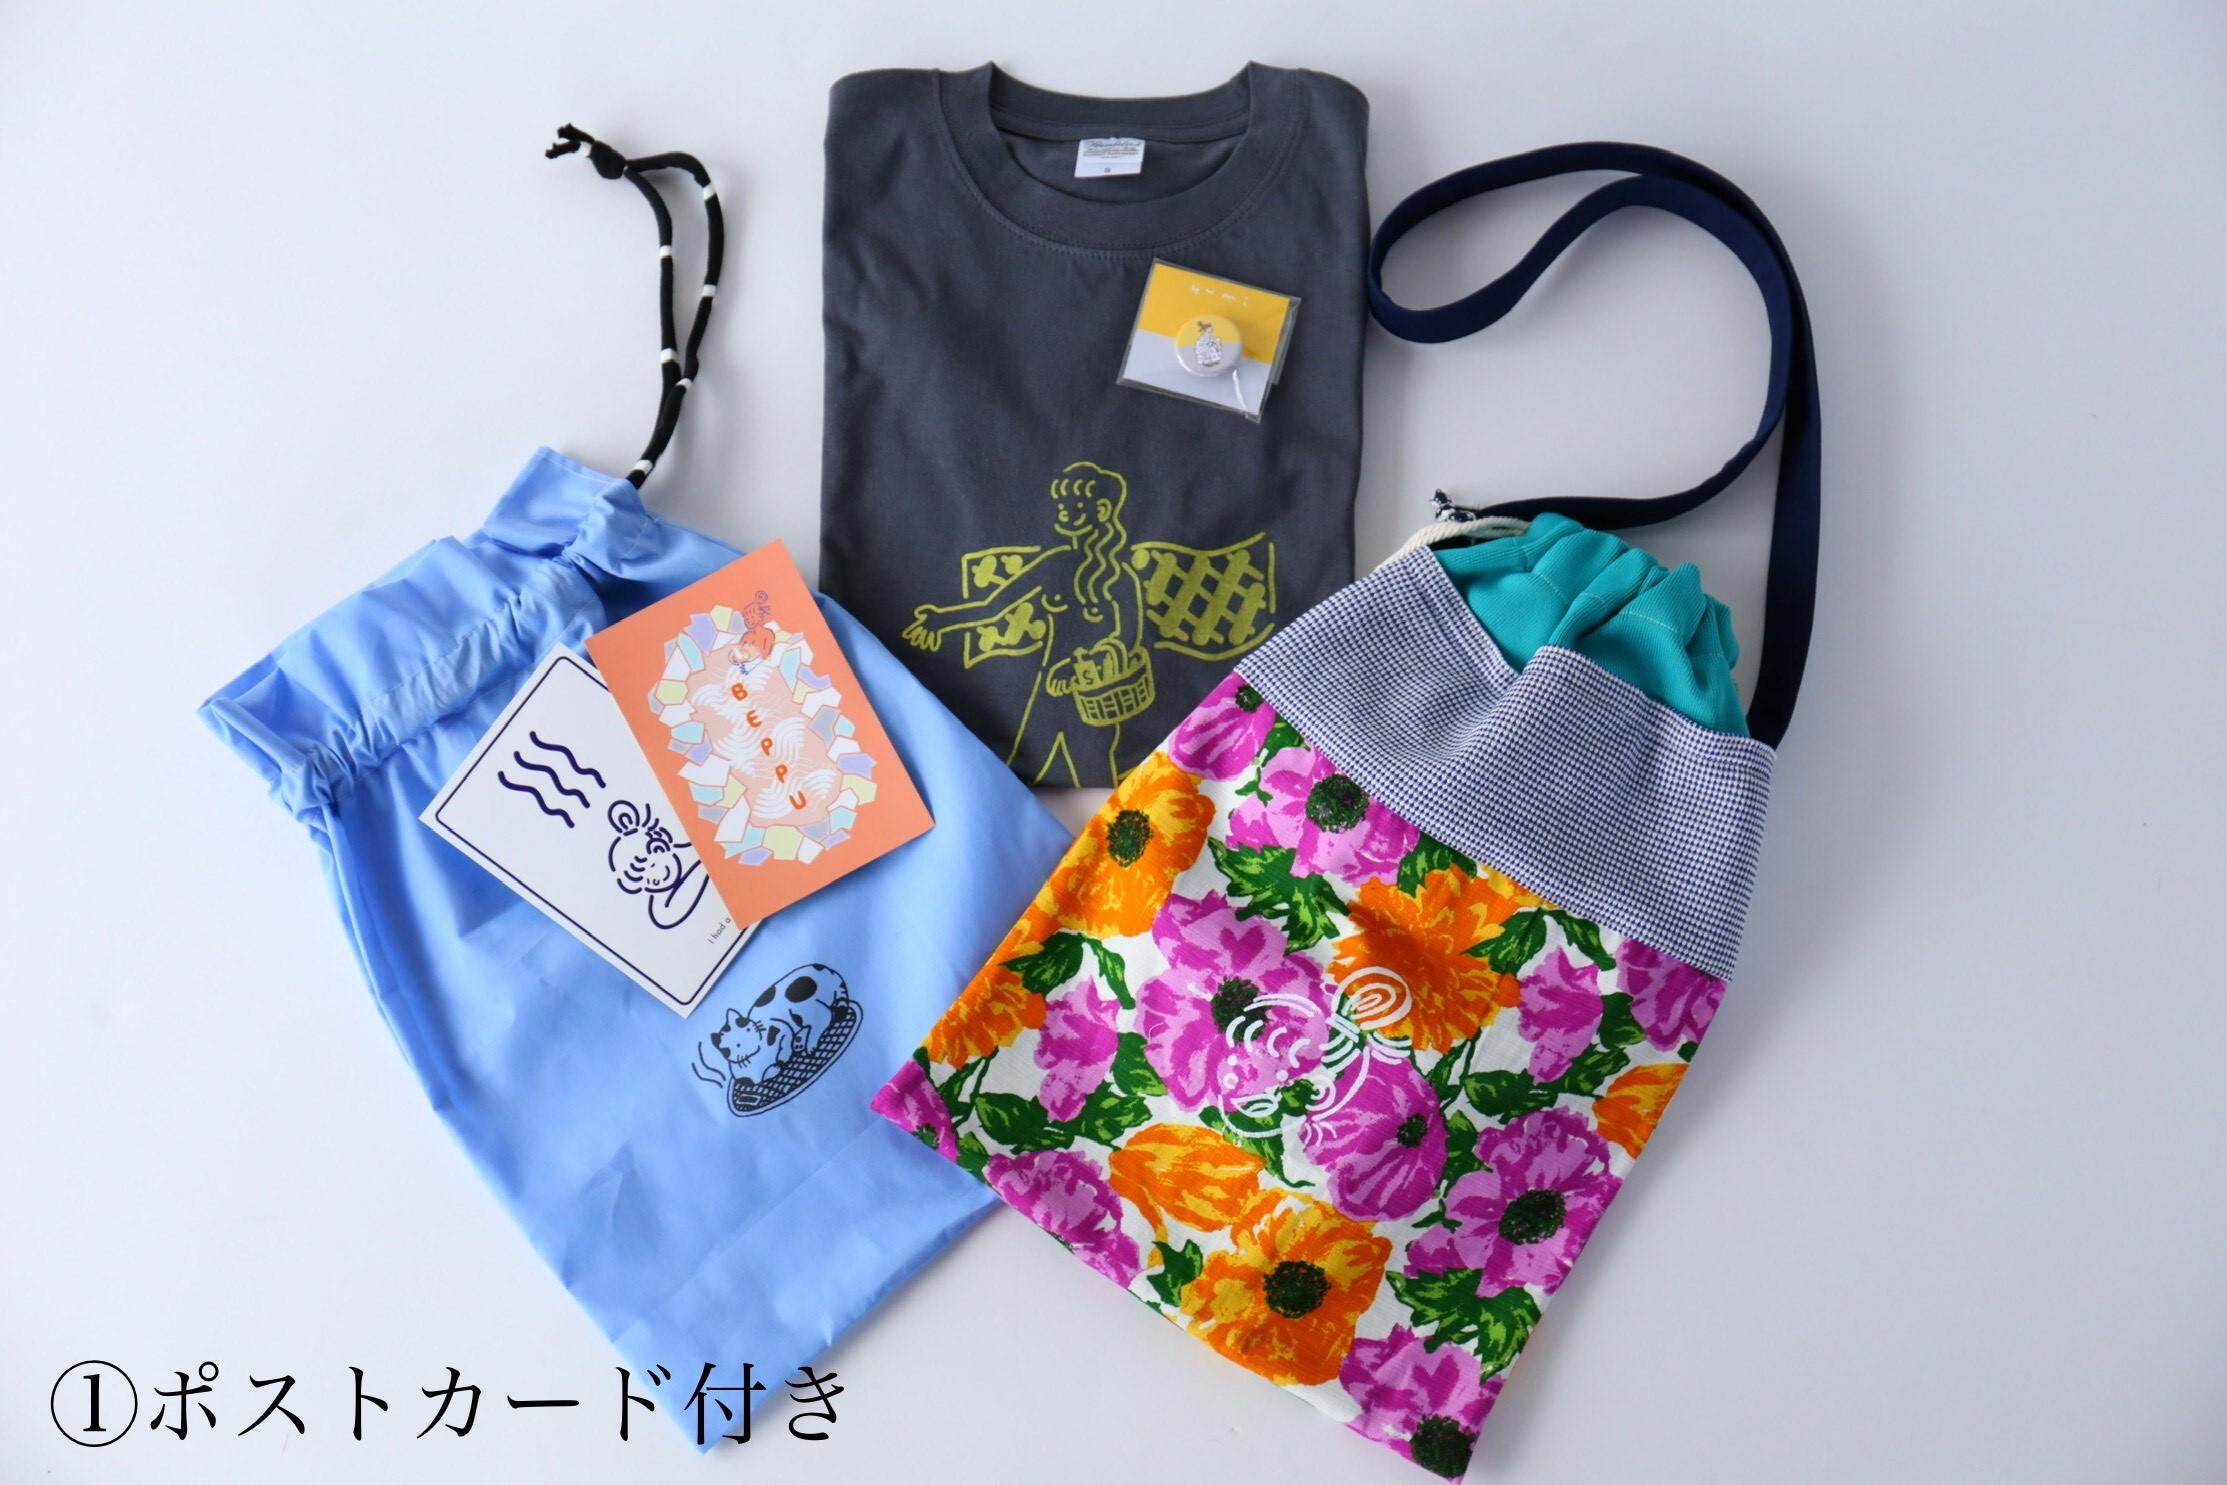 福嶋さくら 湯美ちゃんおたのしみ袋 (フラワーバッグ)